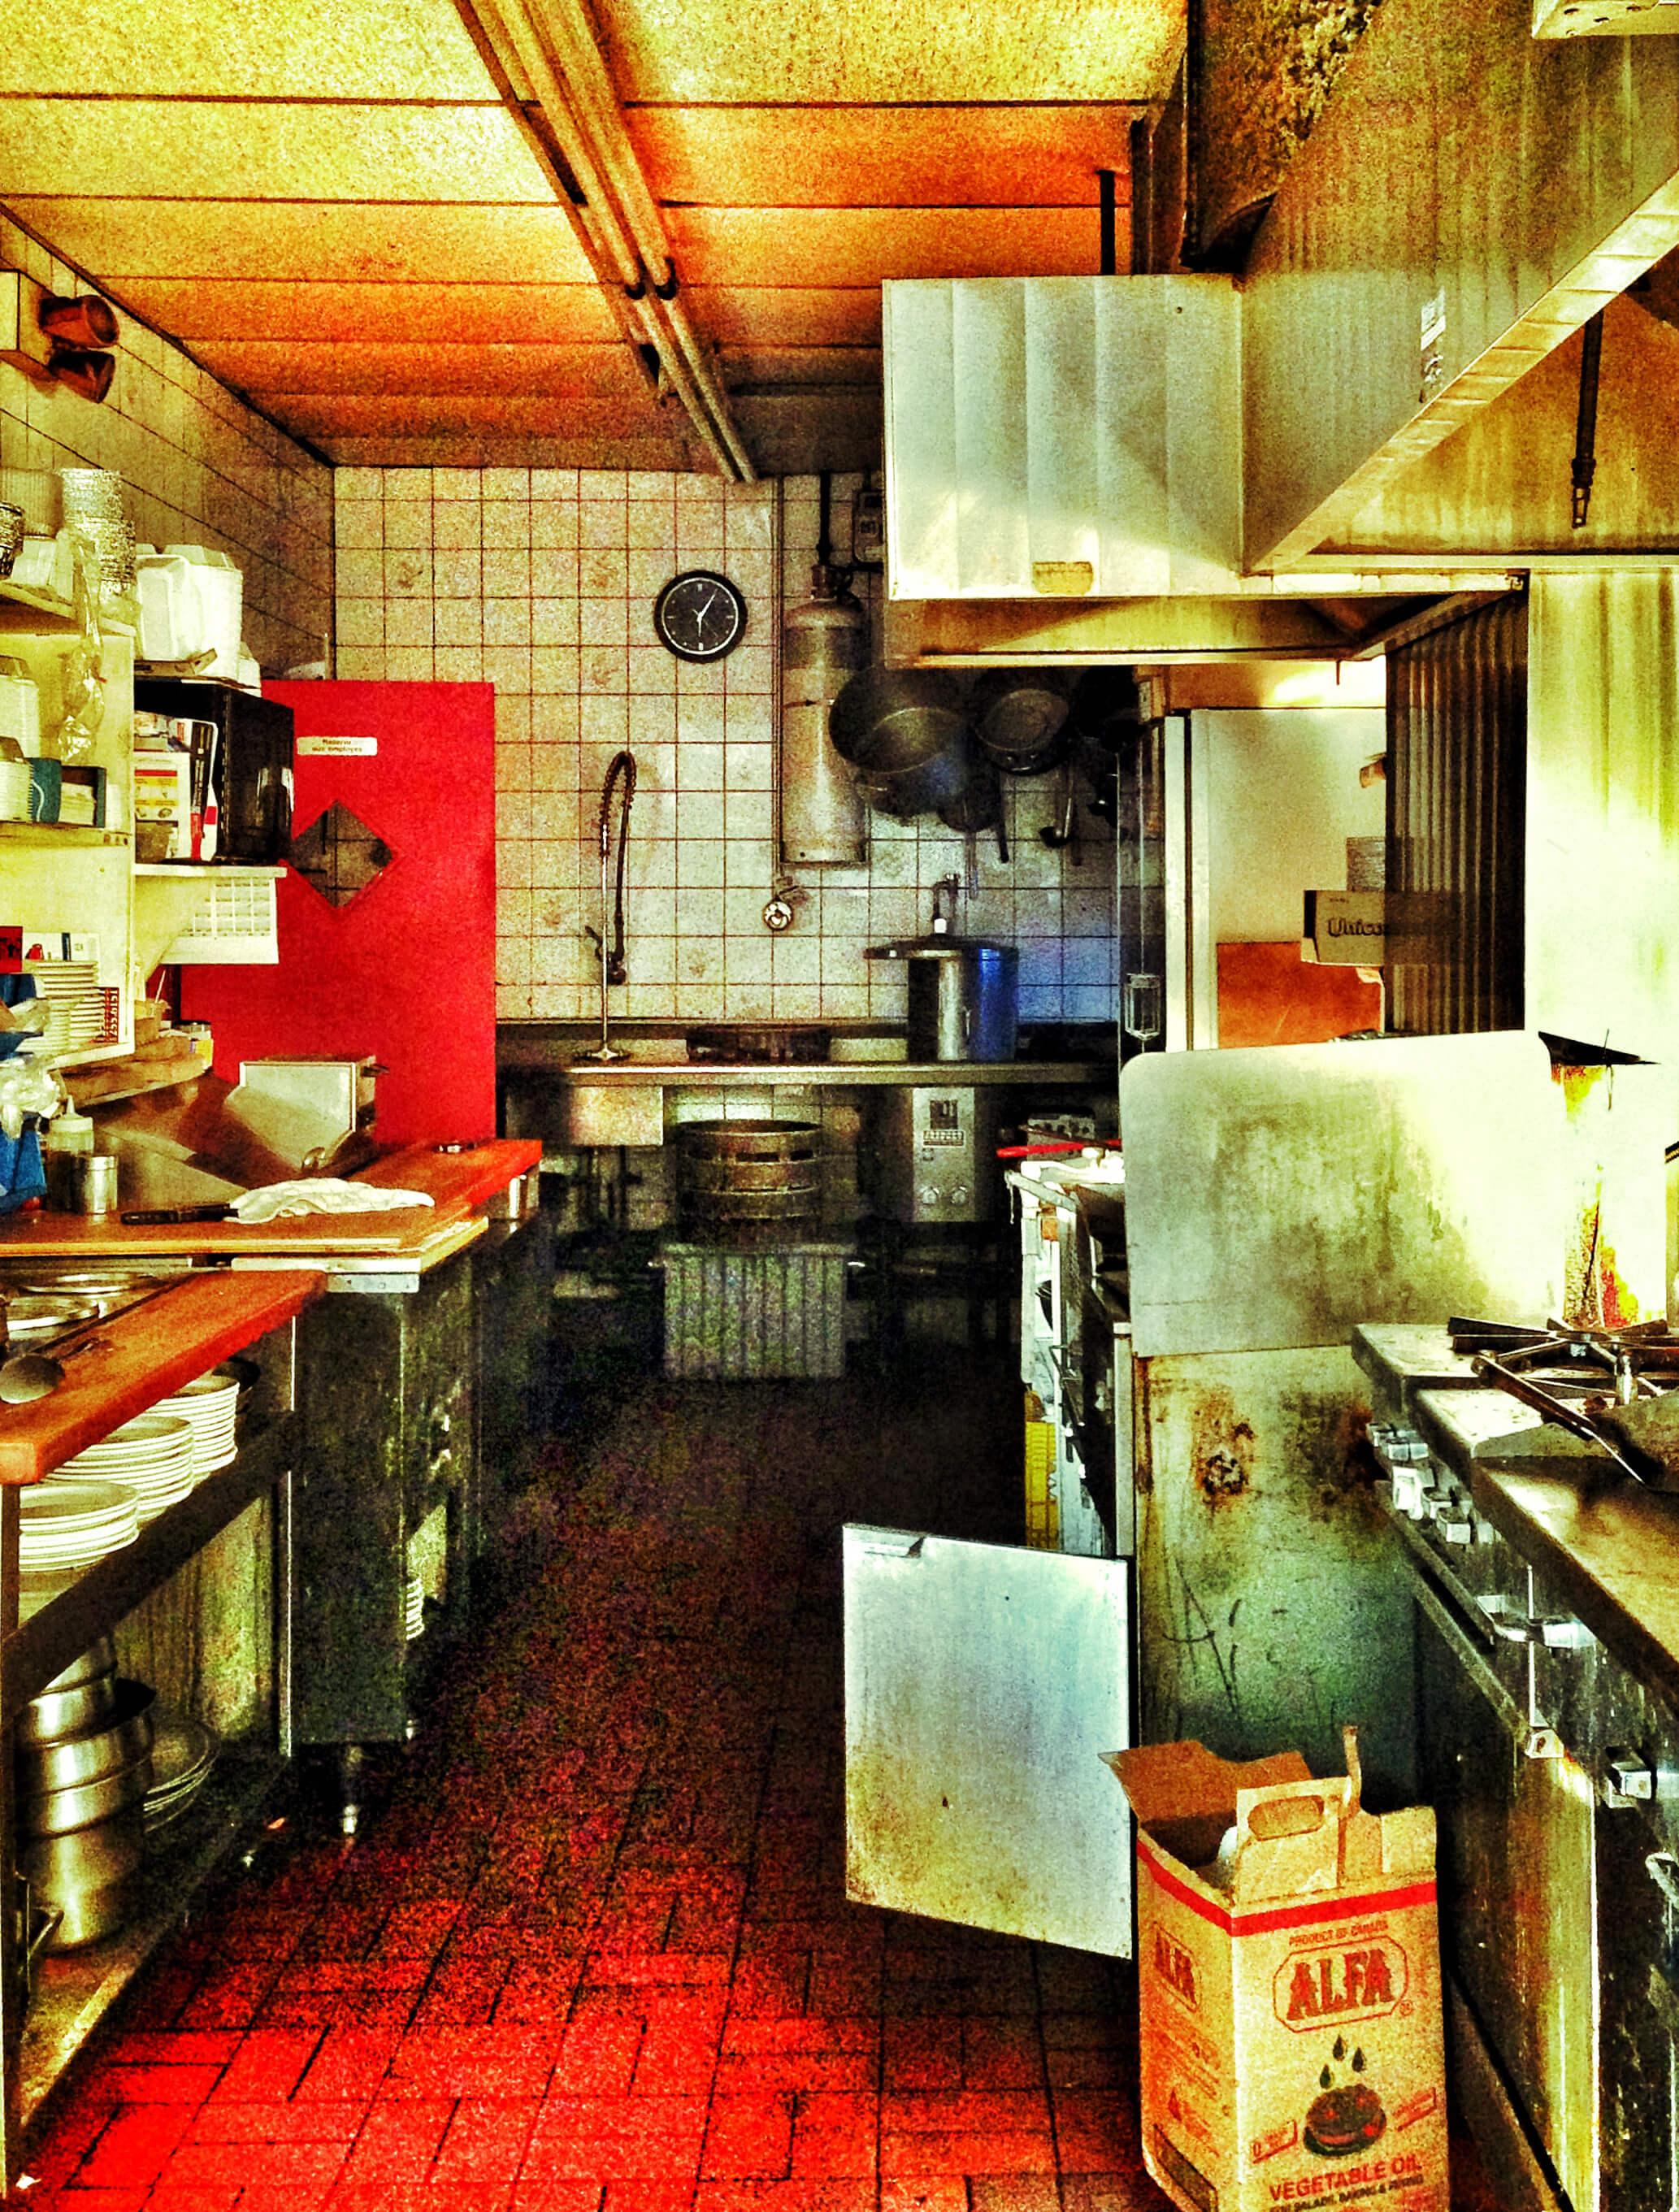 La propreté des cuisines USA vs Canada